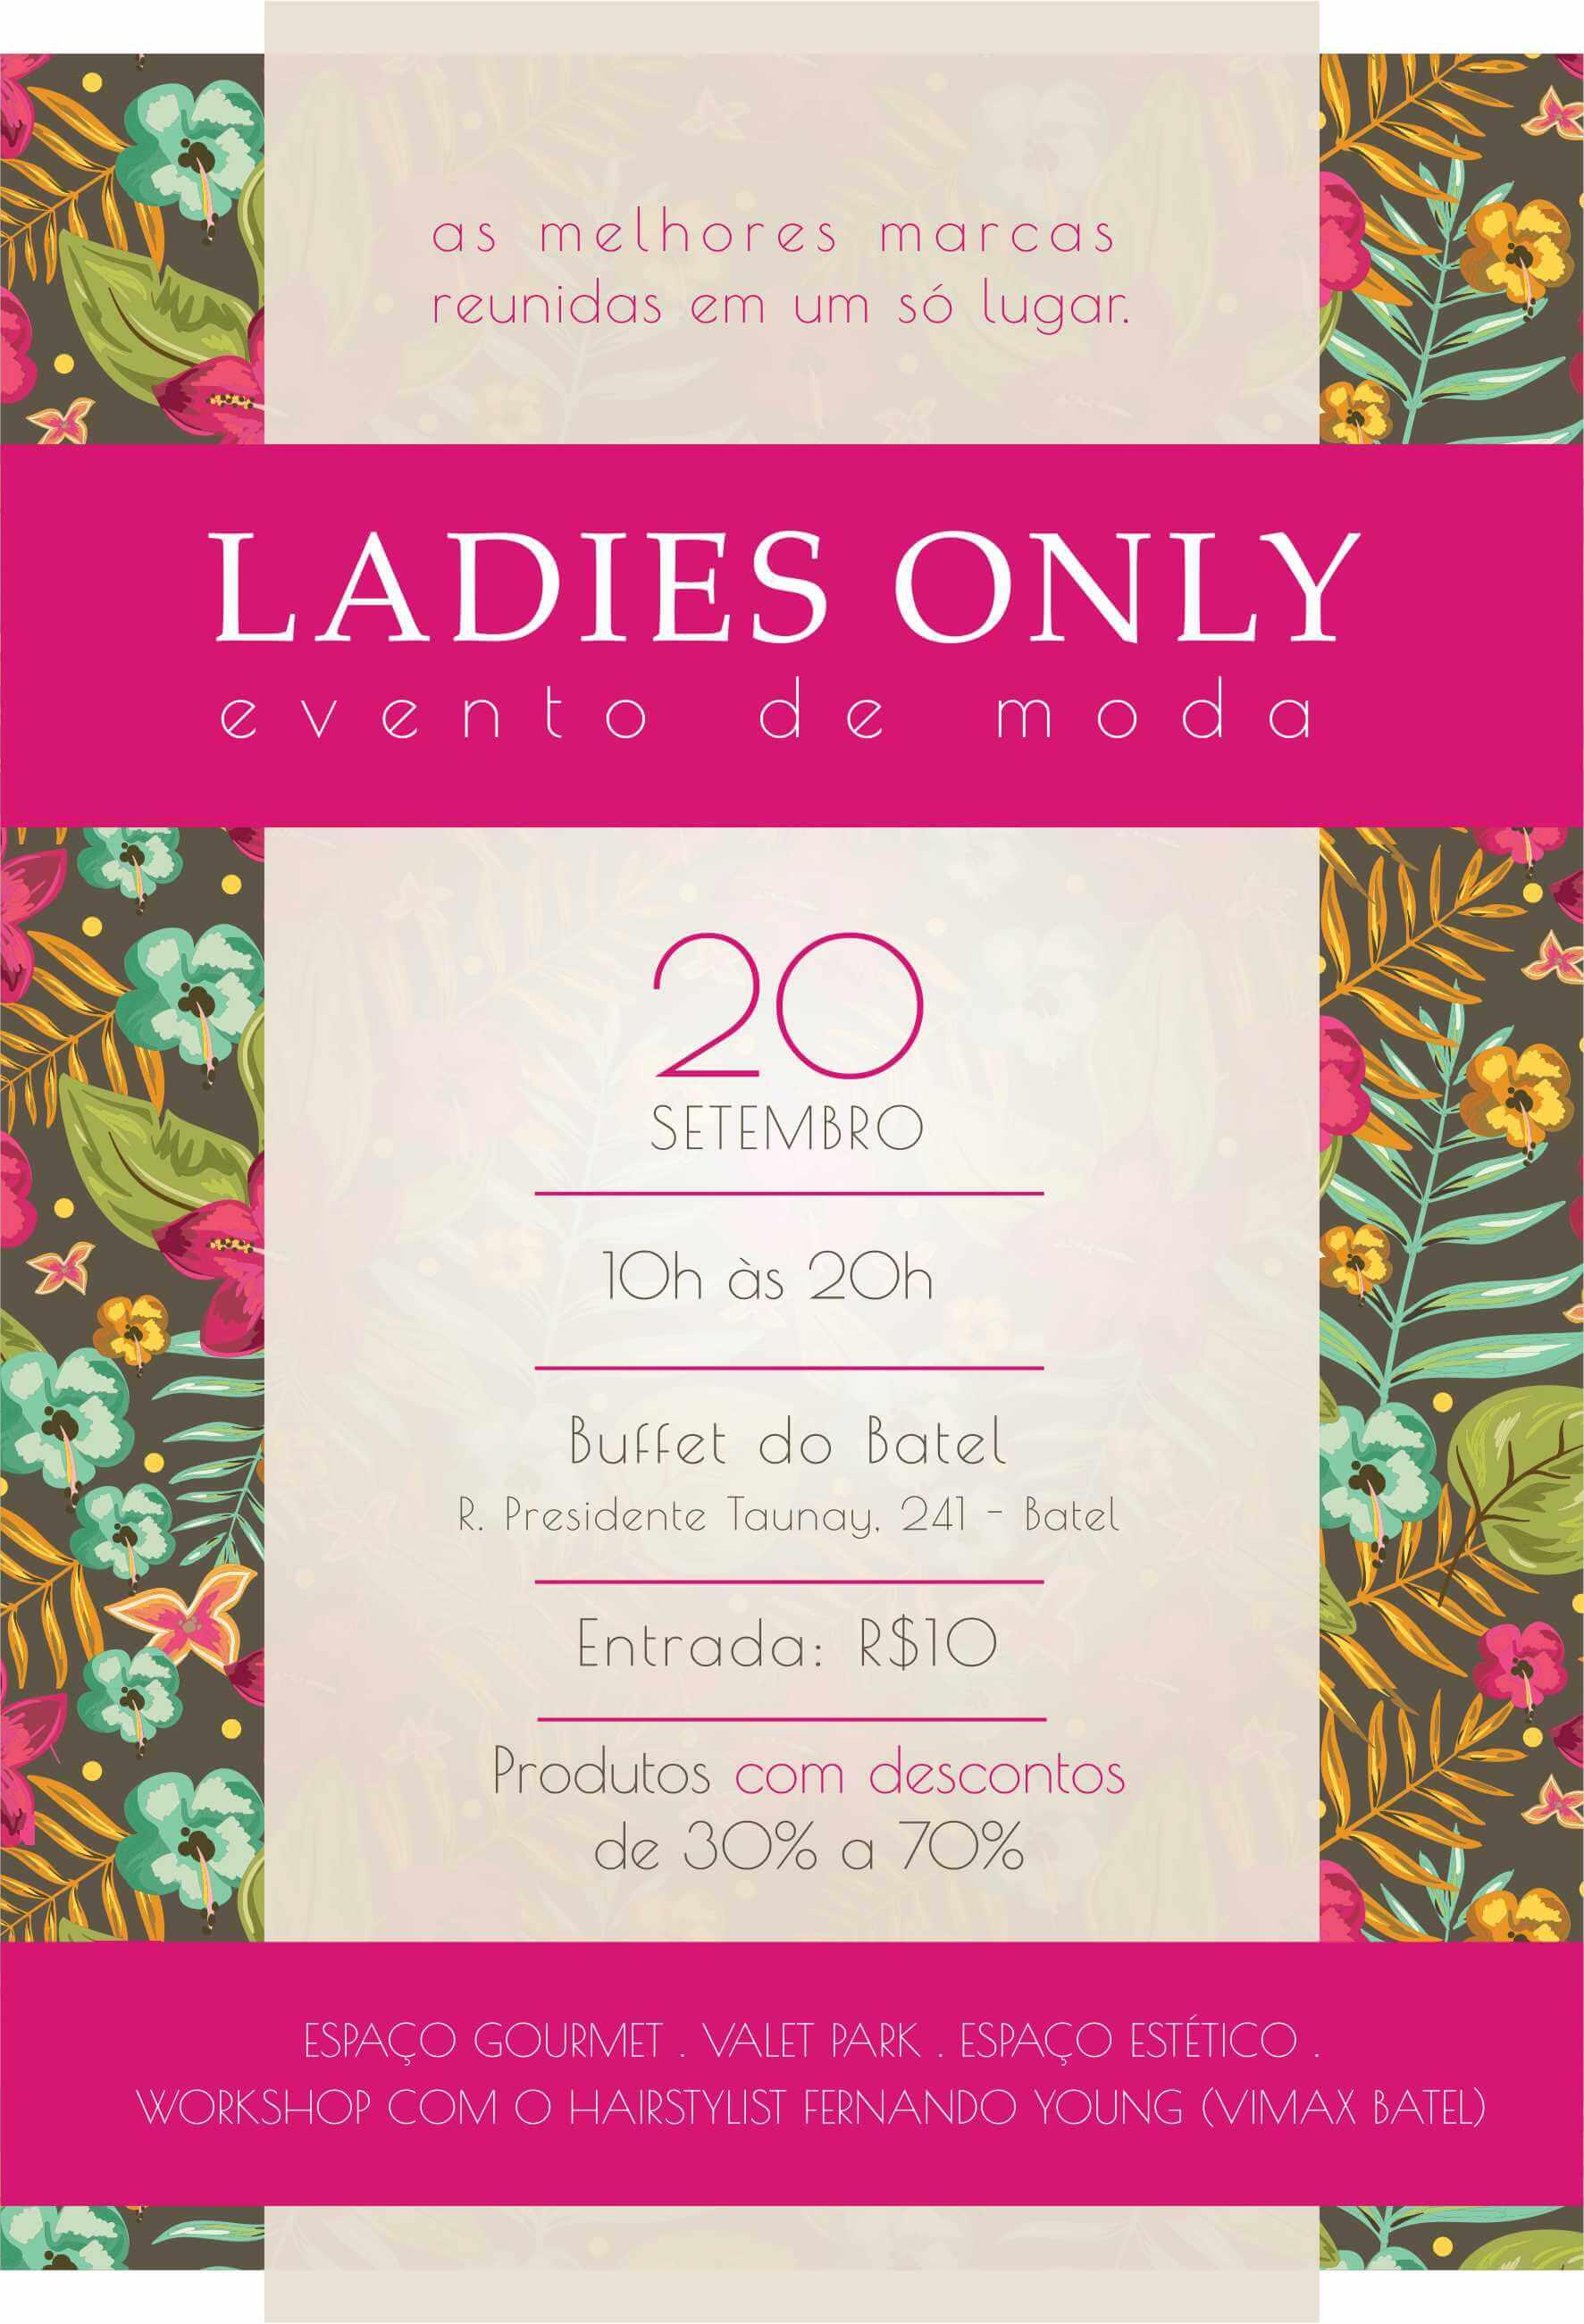 Convite: Ladies Only evento de moda em Curitiba traz marcas com até 70% de desconto